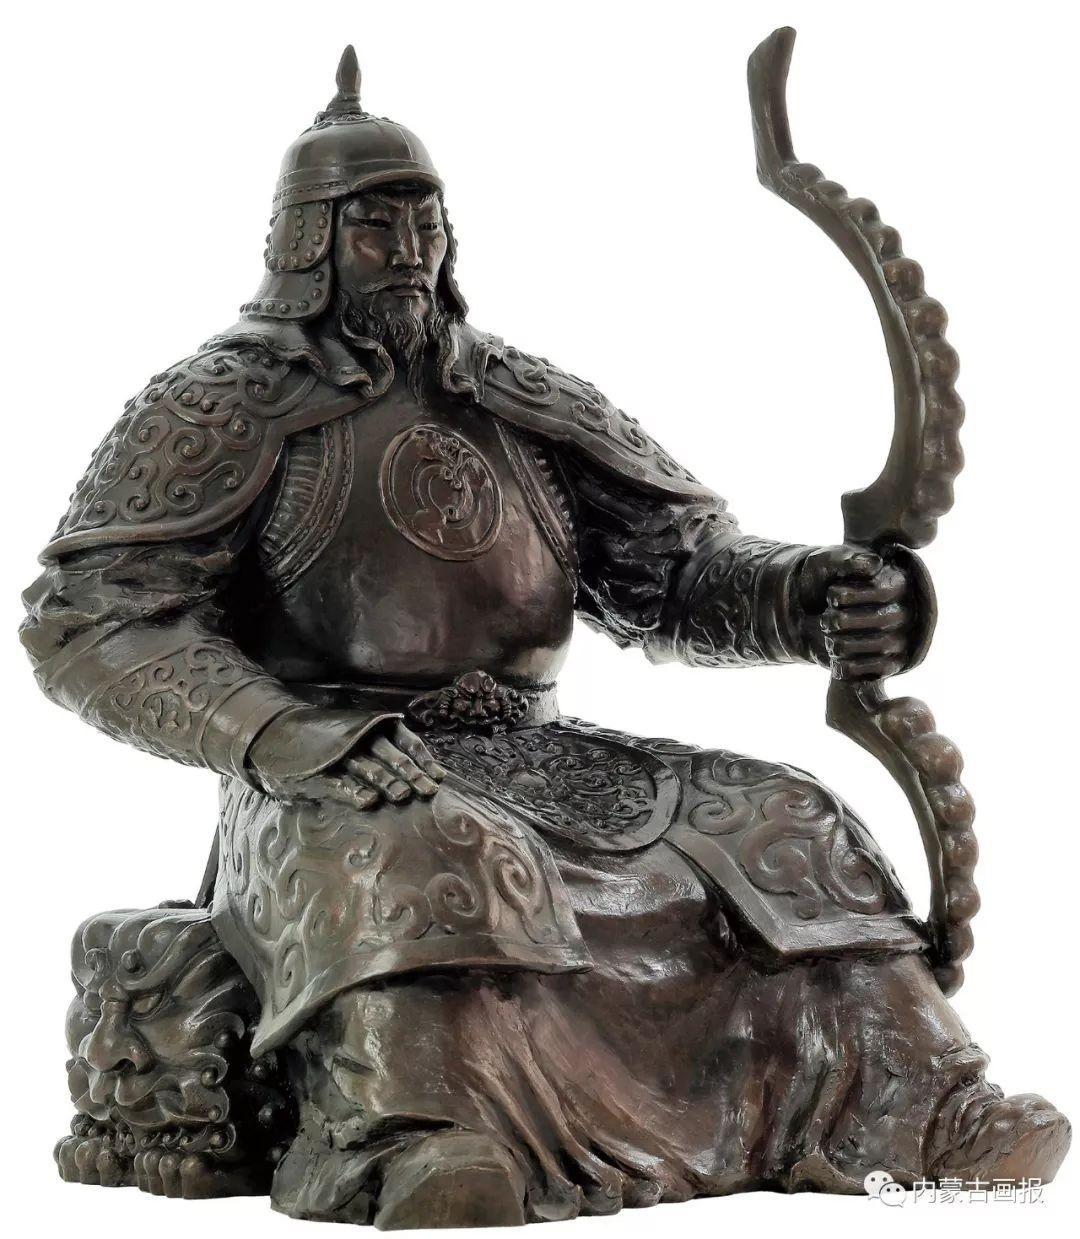 蒙古族雕塑艺术家铁木老师作品欣赏 ... 第12张 蒙古族雕塑艺术家铁木老师作品欣赏 ... 蒙古画廊